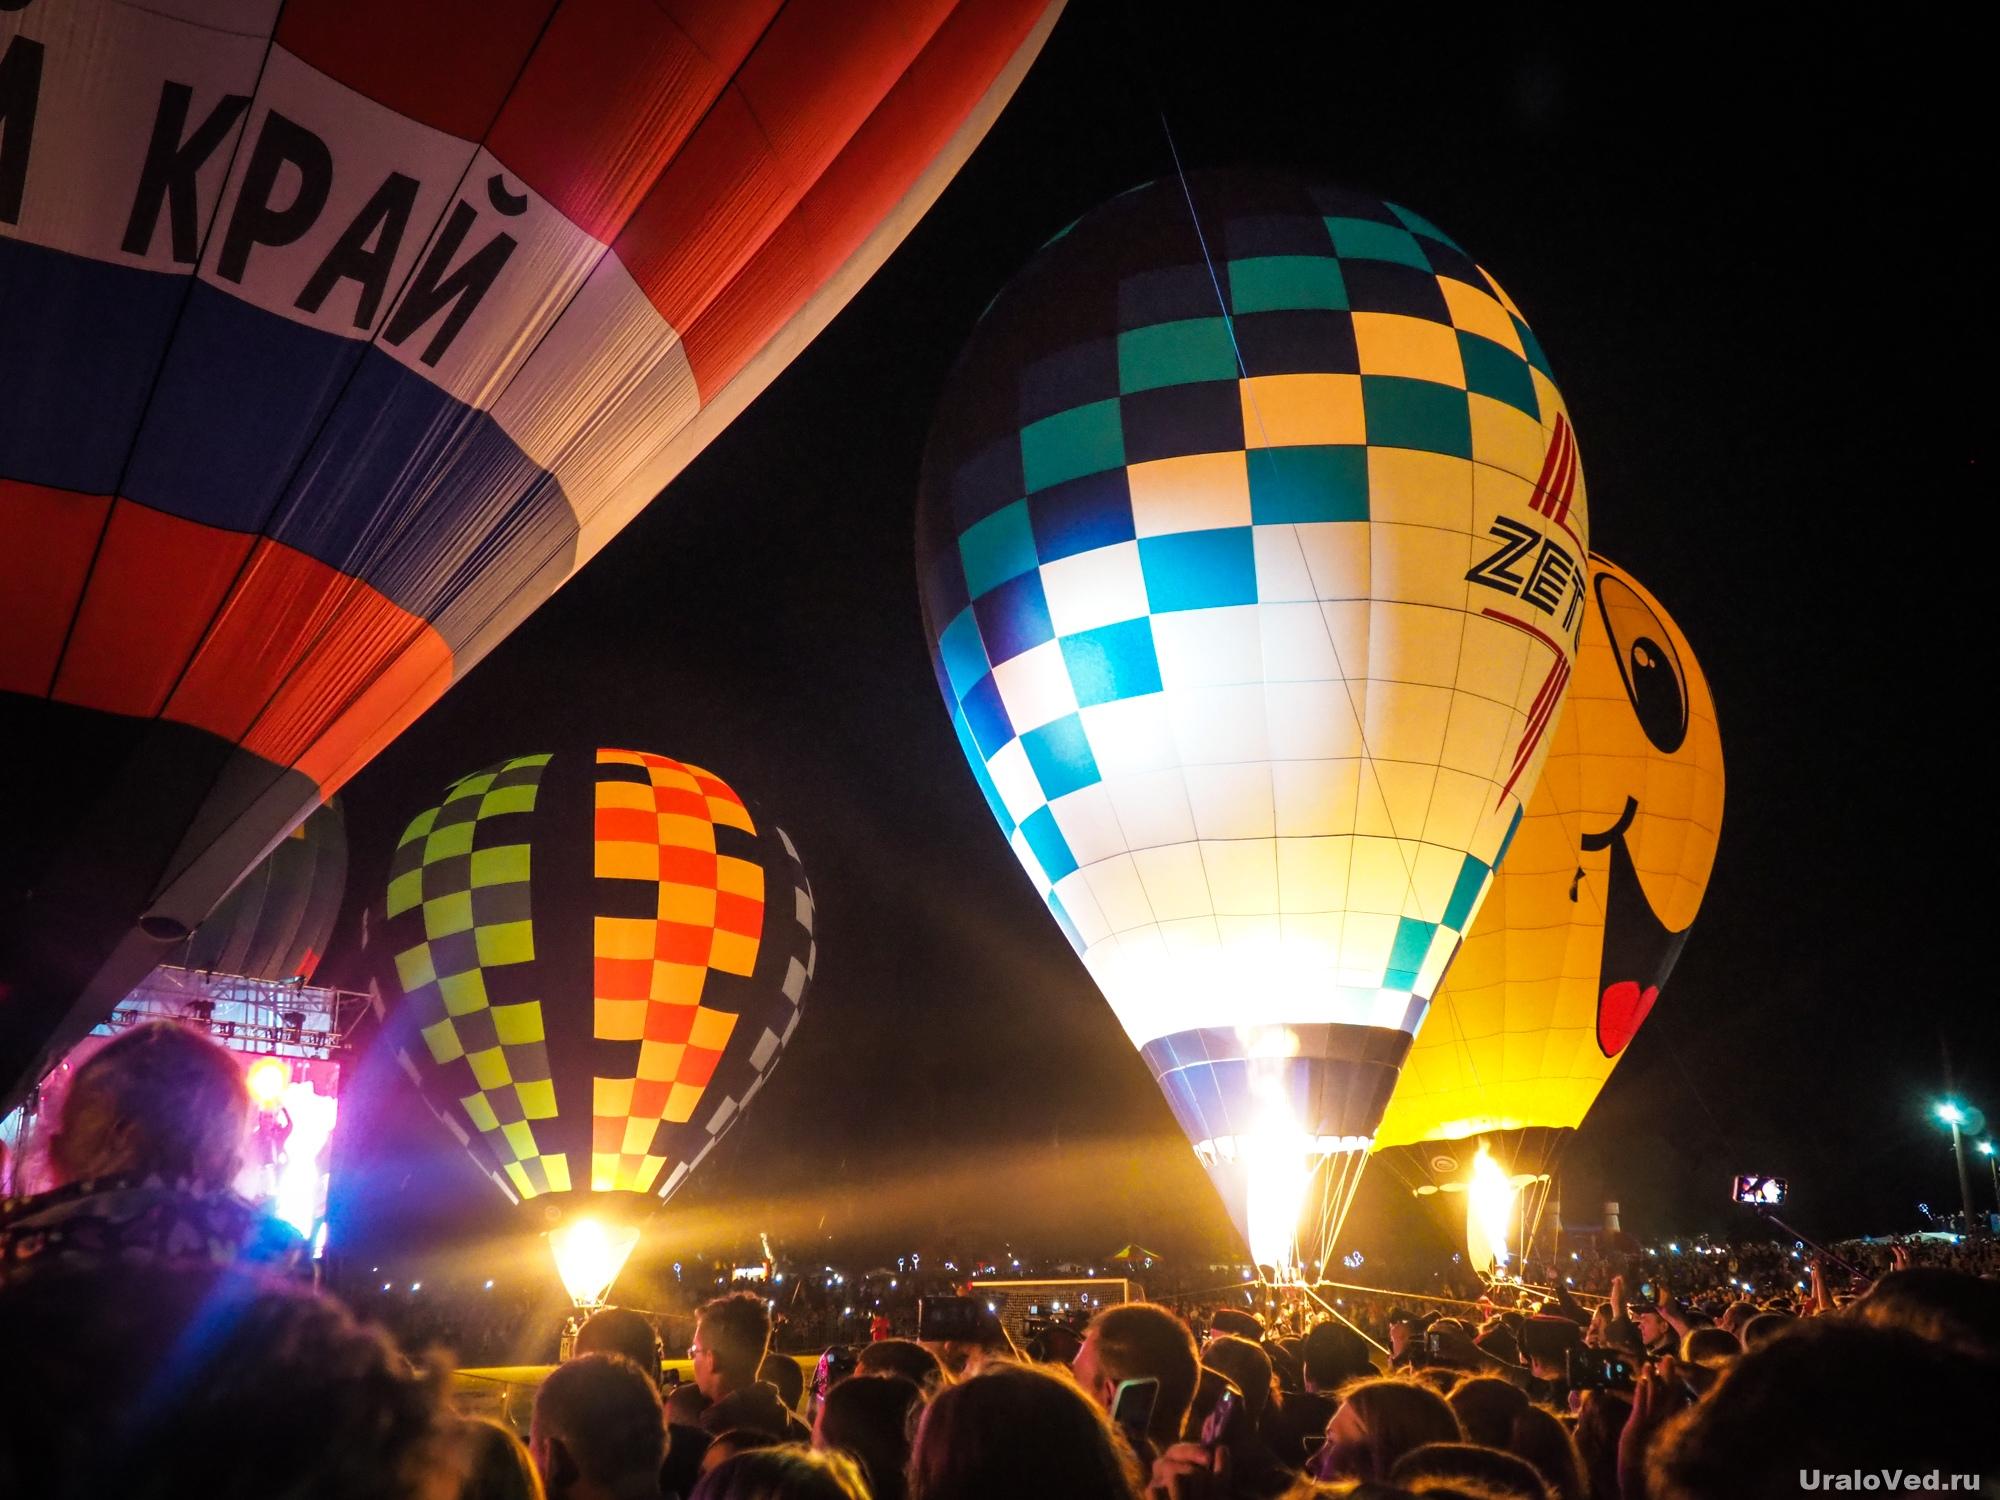 Закрытие фестиваля Небесная ярмарка Урала в Кунгуре